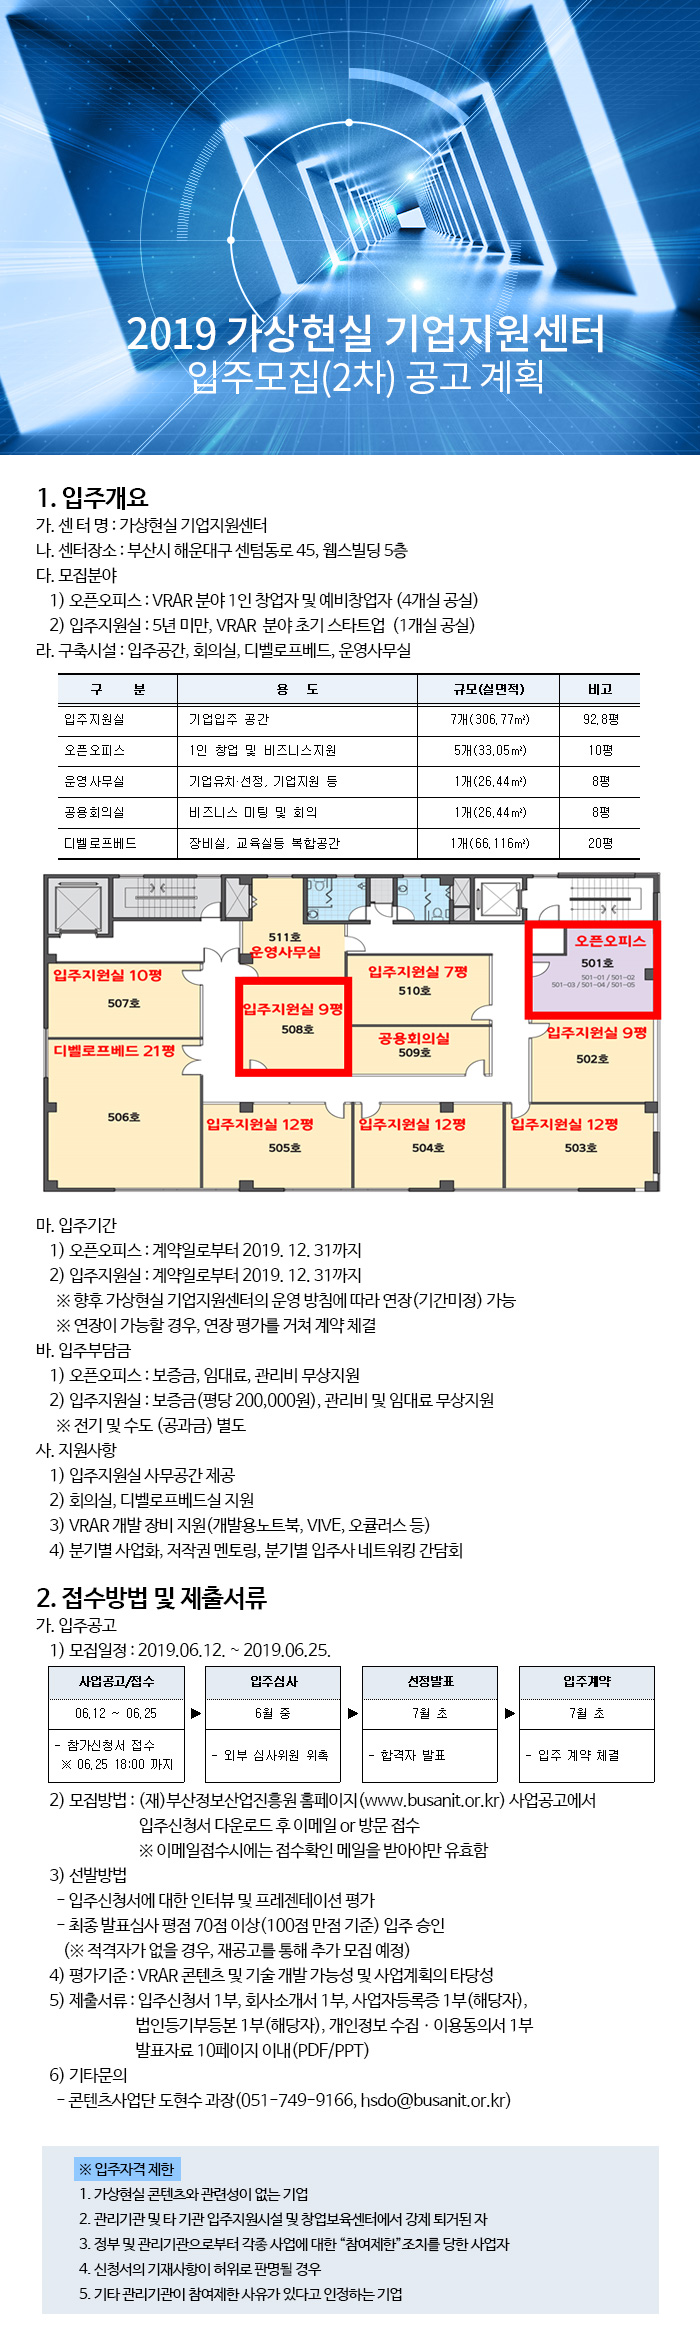 2019 가상현실기업지원센터 입주모집(2차) 공고